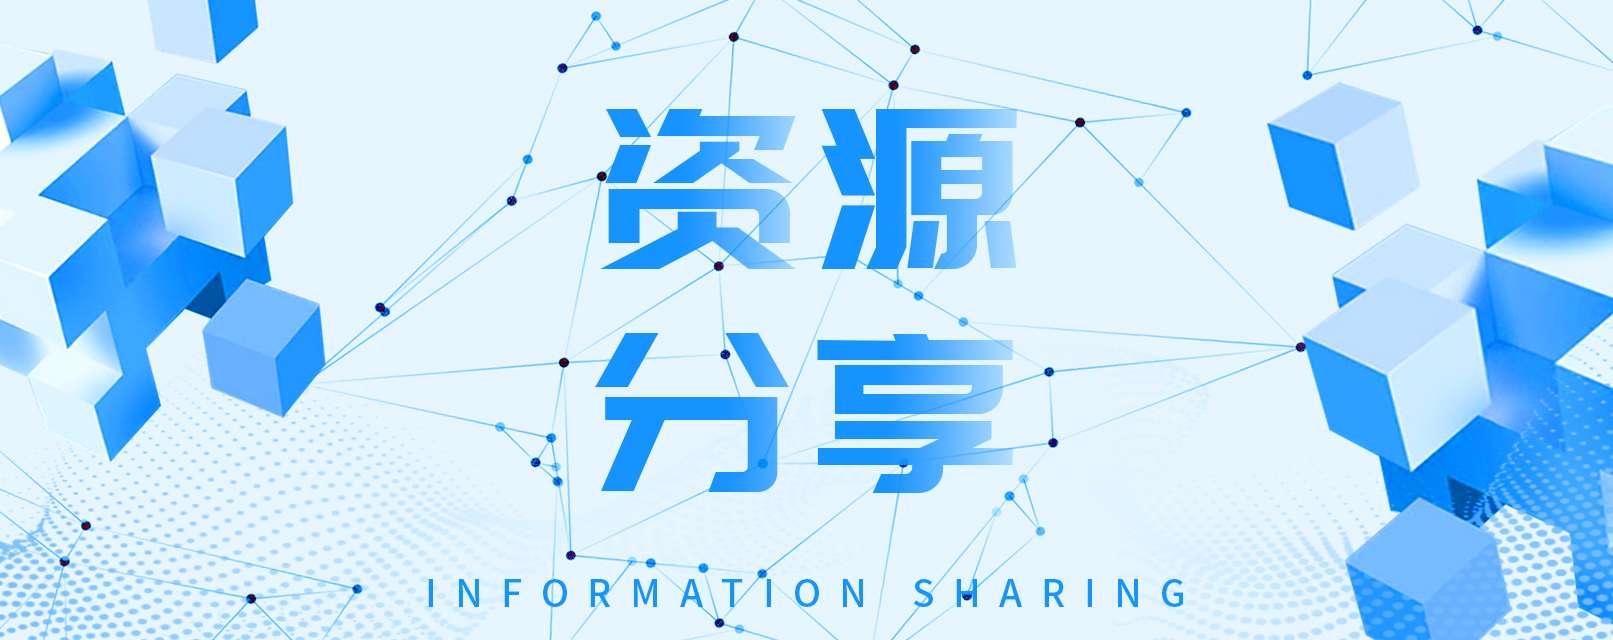 【资源分享】应用架构查看(查看应用的ABI结构)